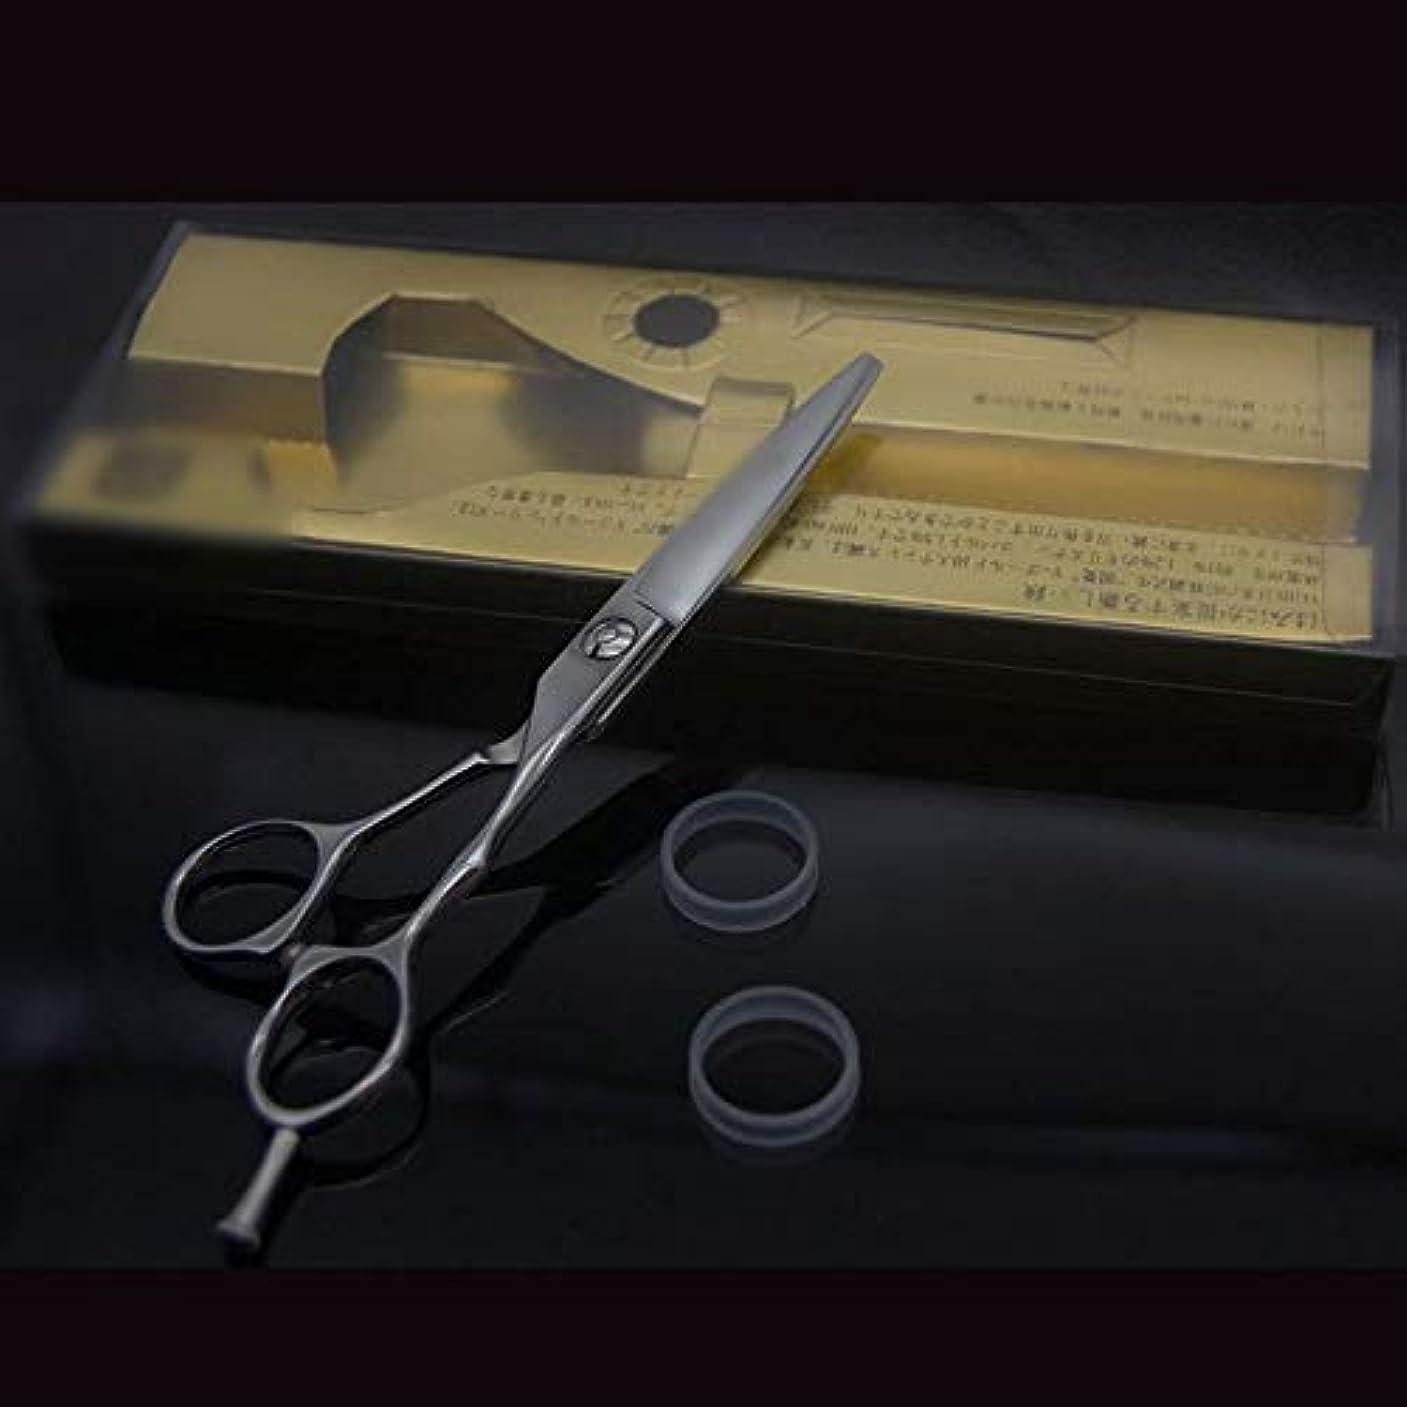 ウェイトレスバング犯人Goodsok-jp 6インチの美容師のプロの理髪はさみ高級な滑り止めフラットはさみ (色 : Silver)